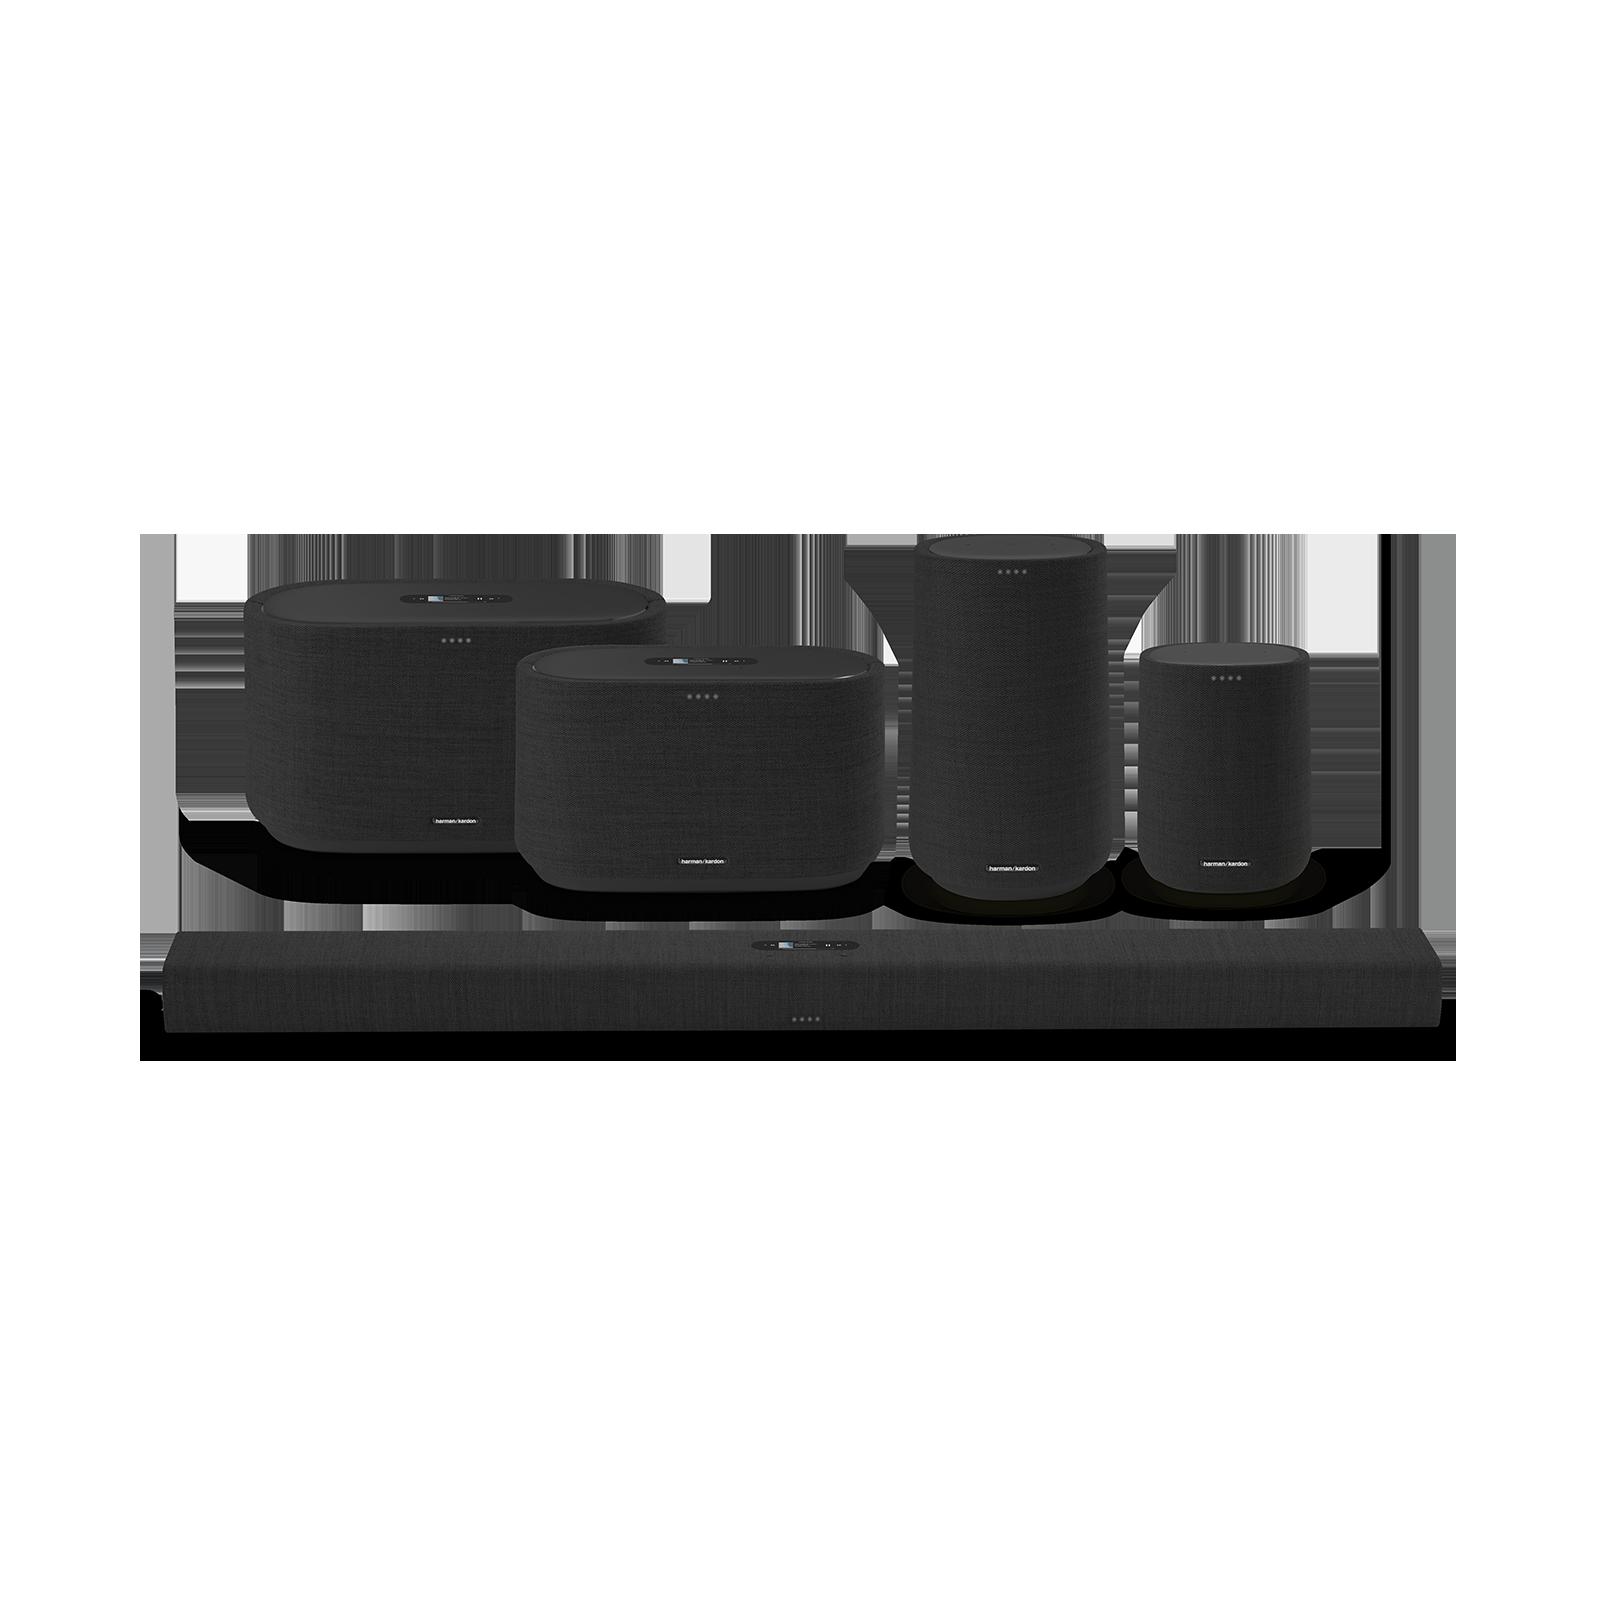 Harman Kardon Citation One MKII - Black - All-in-one smart speaker with room-filling sound - Detailshot 5